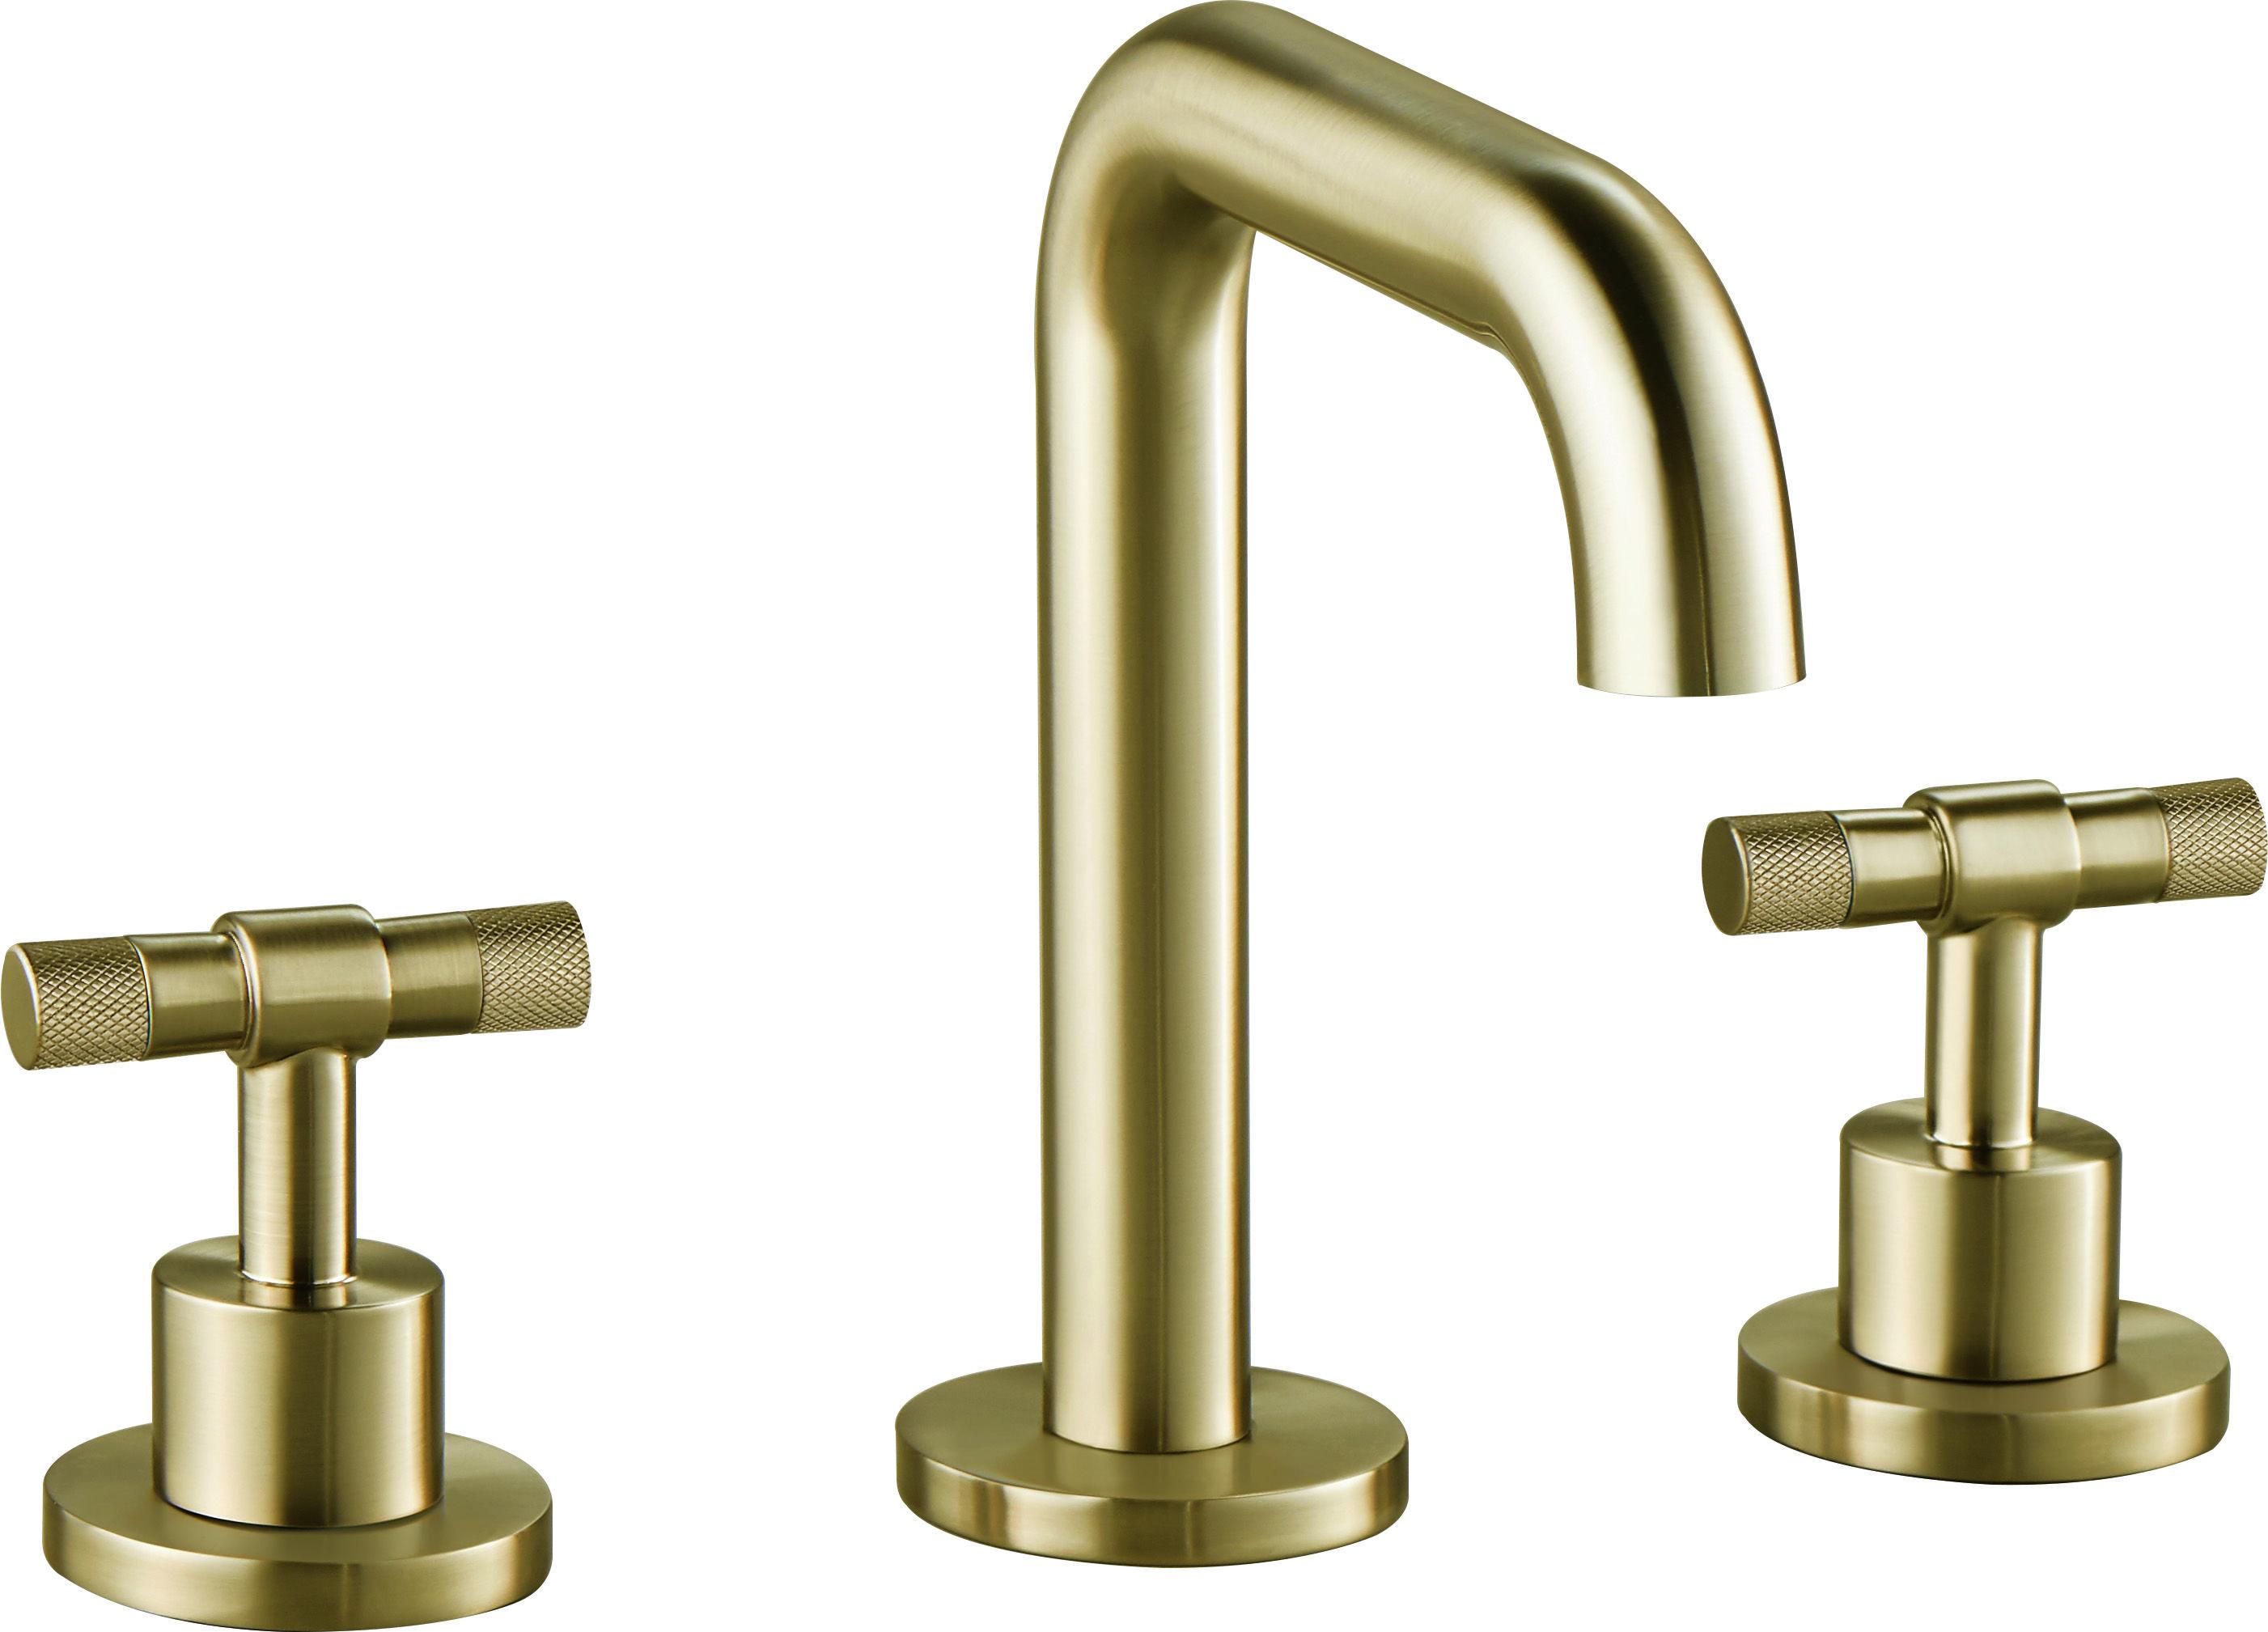 brizo kitchen faucets Brizo Litze